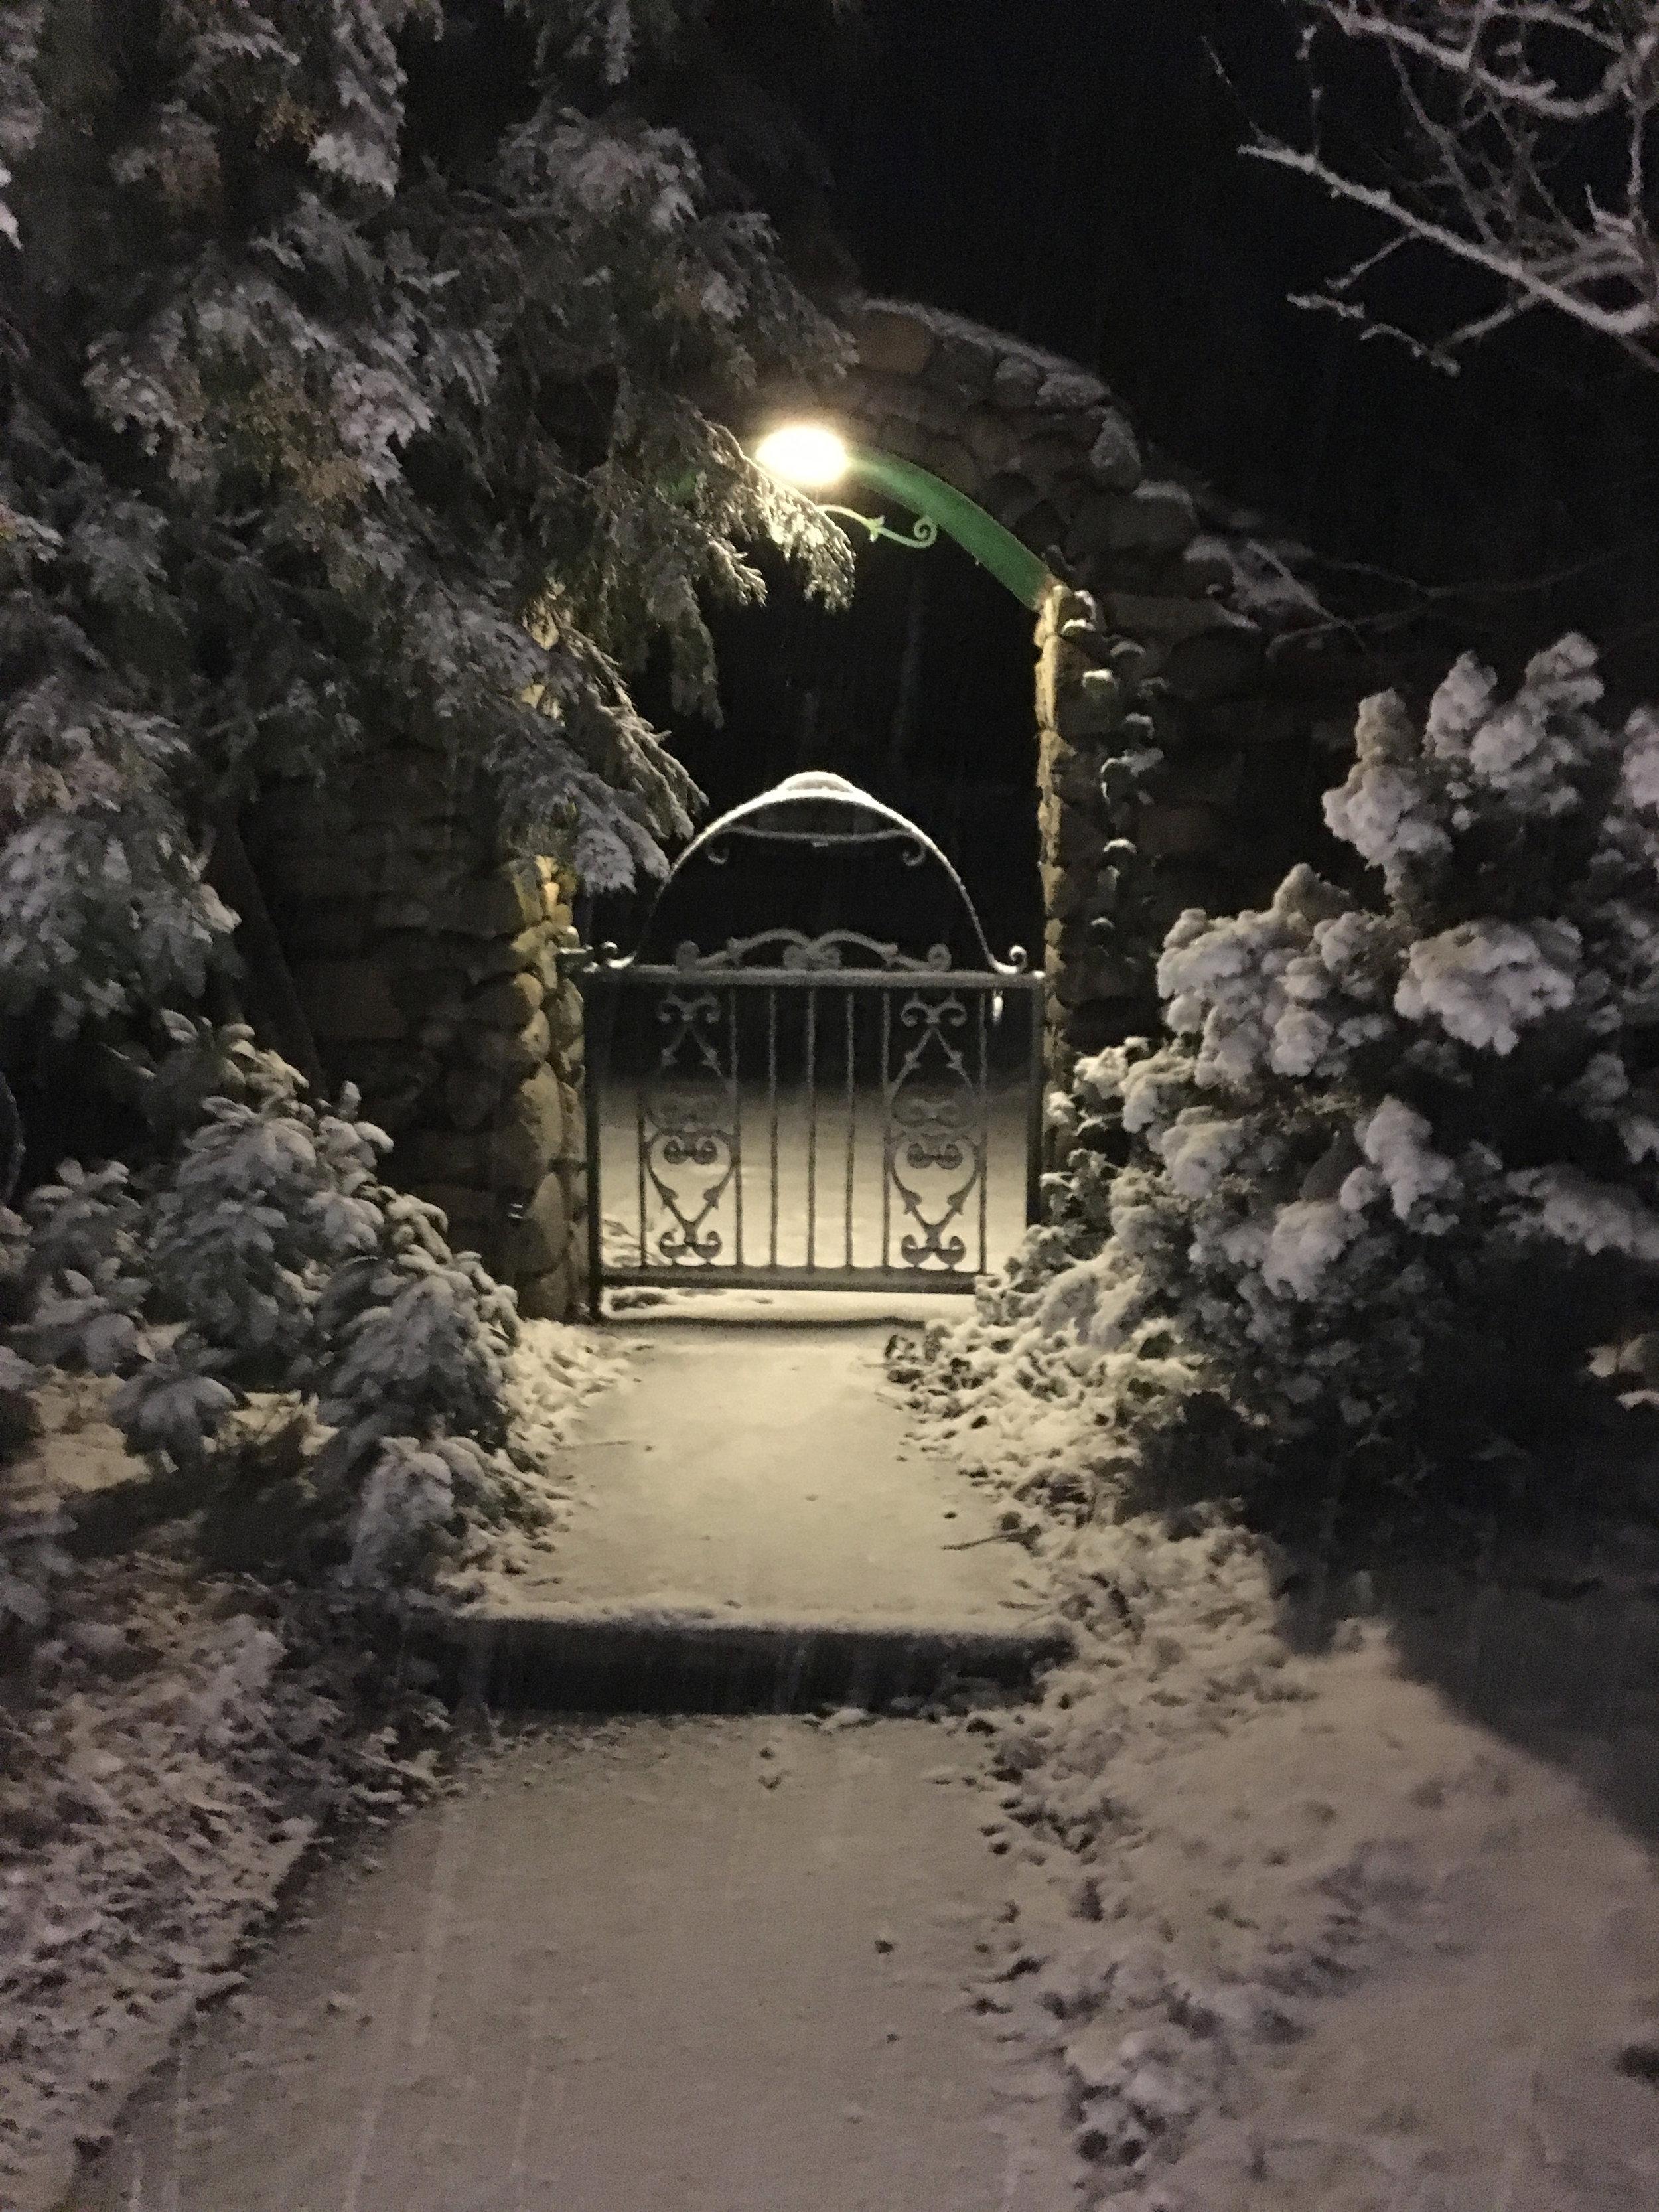 Gateway to Wonderland